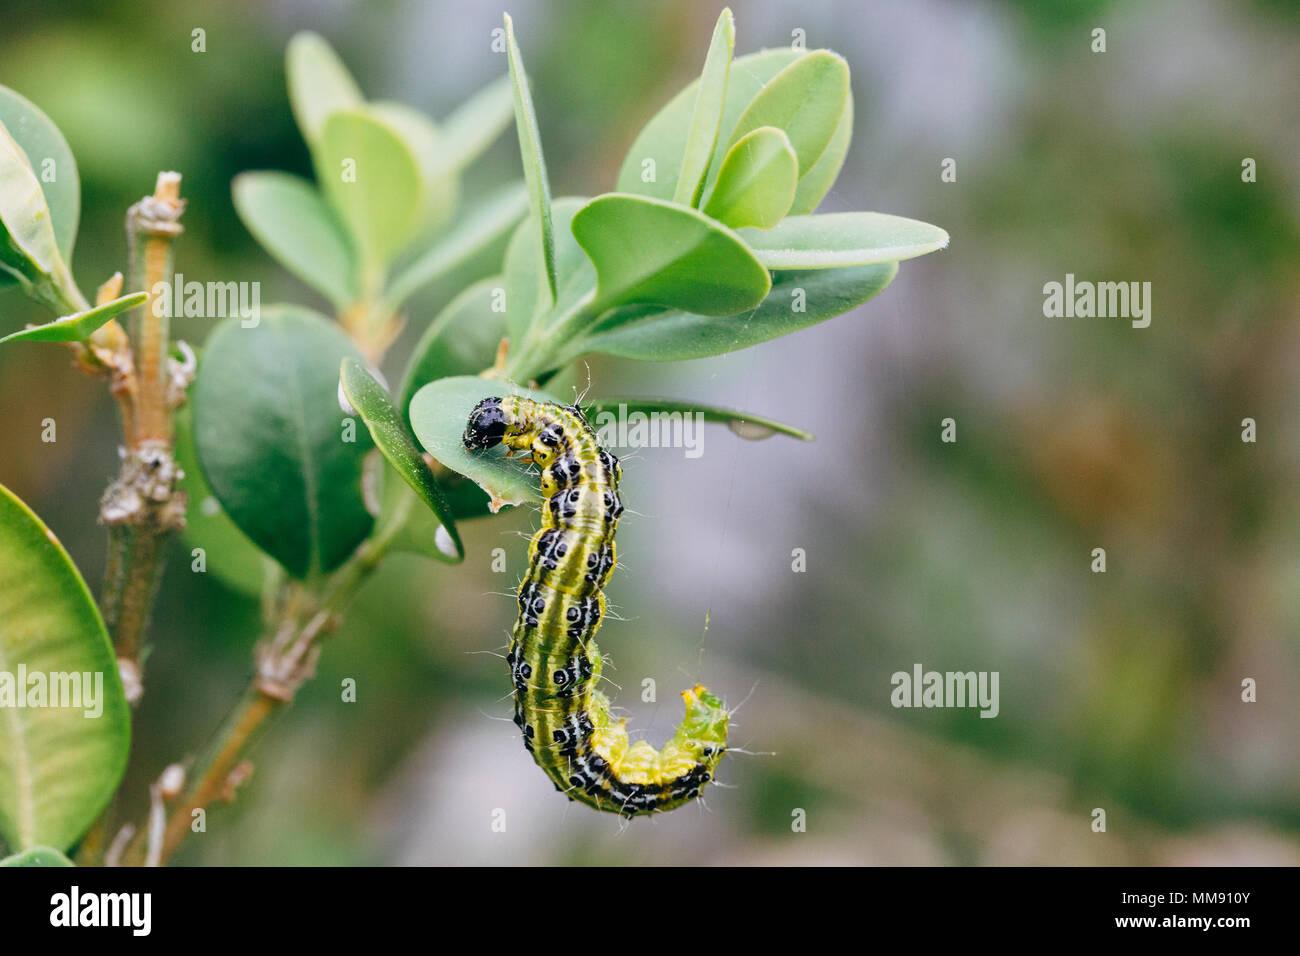 Cydalima perspectalis, conocido como árbol de cuadro de polilla. Foto de stock